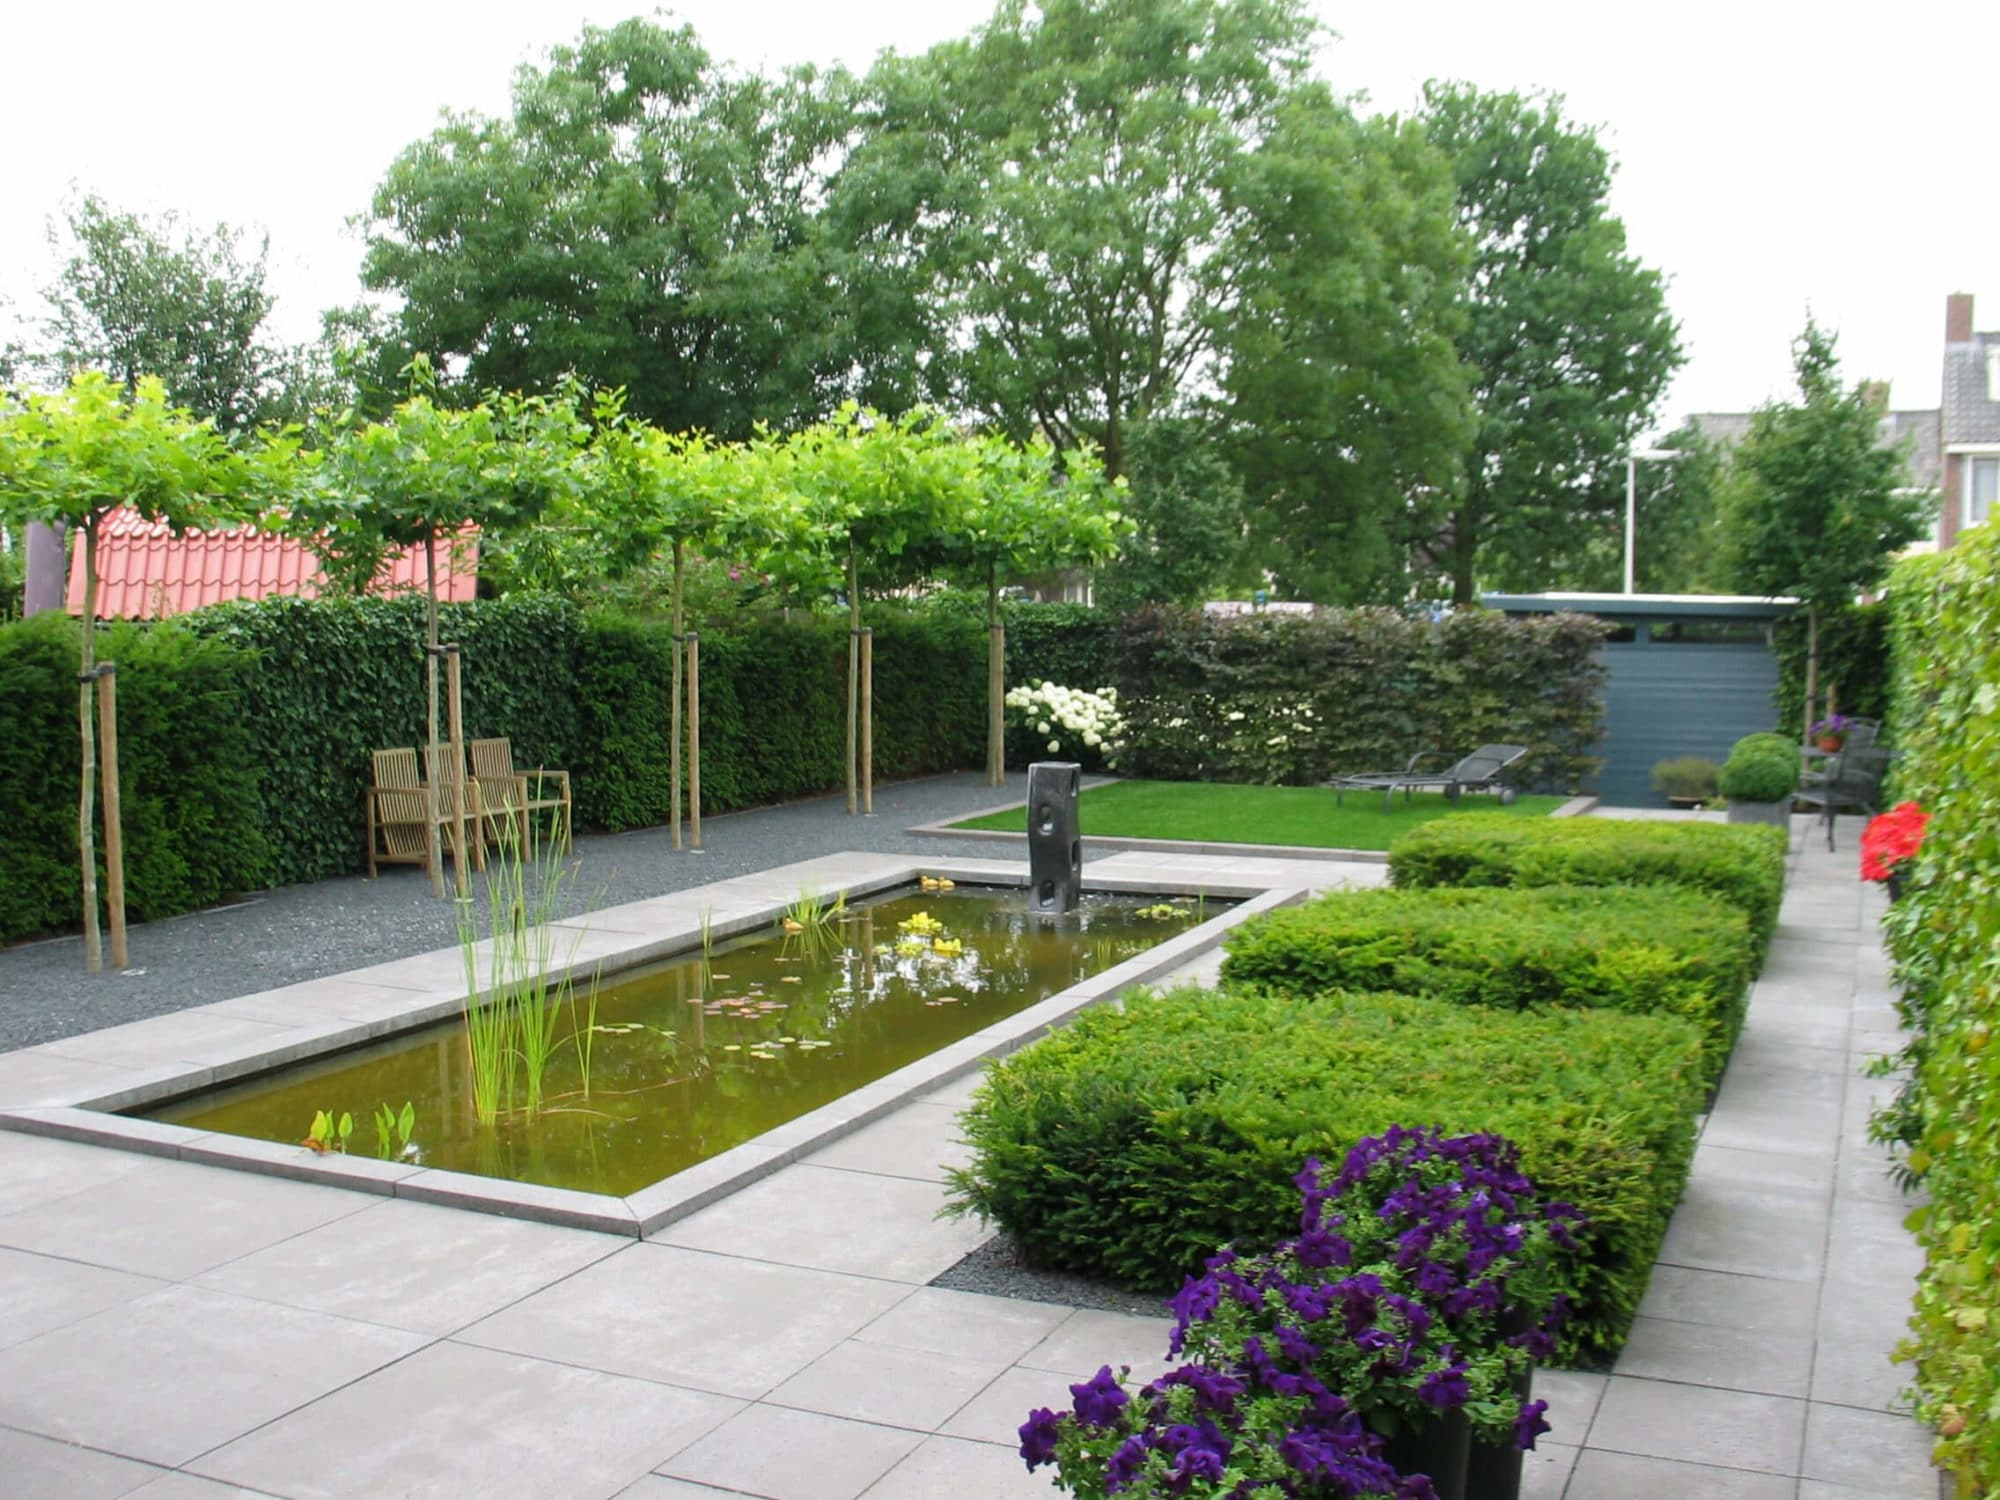 Grote Moderne Tuin : Moderne tuin aangelegd met grote vijver u2013 conceptgroen